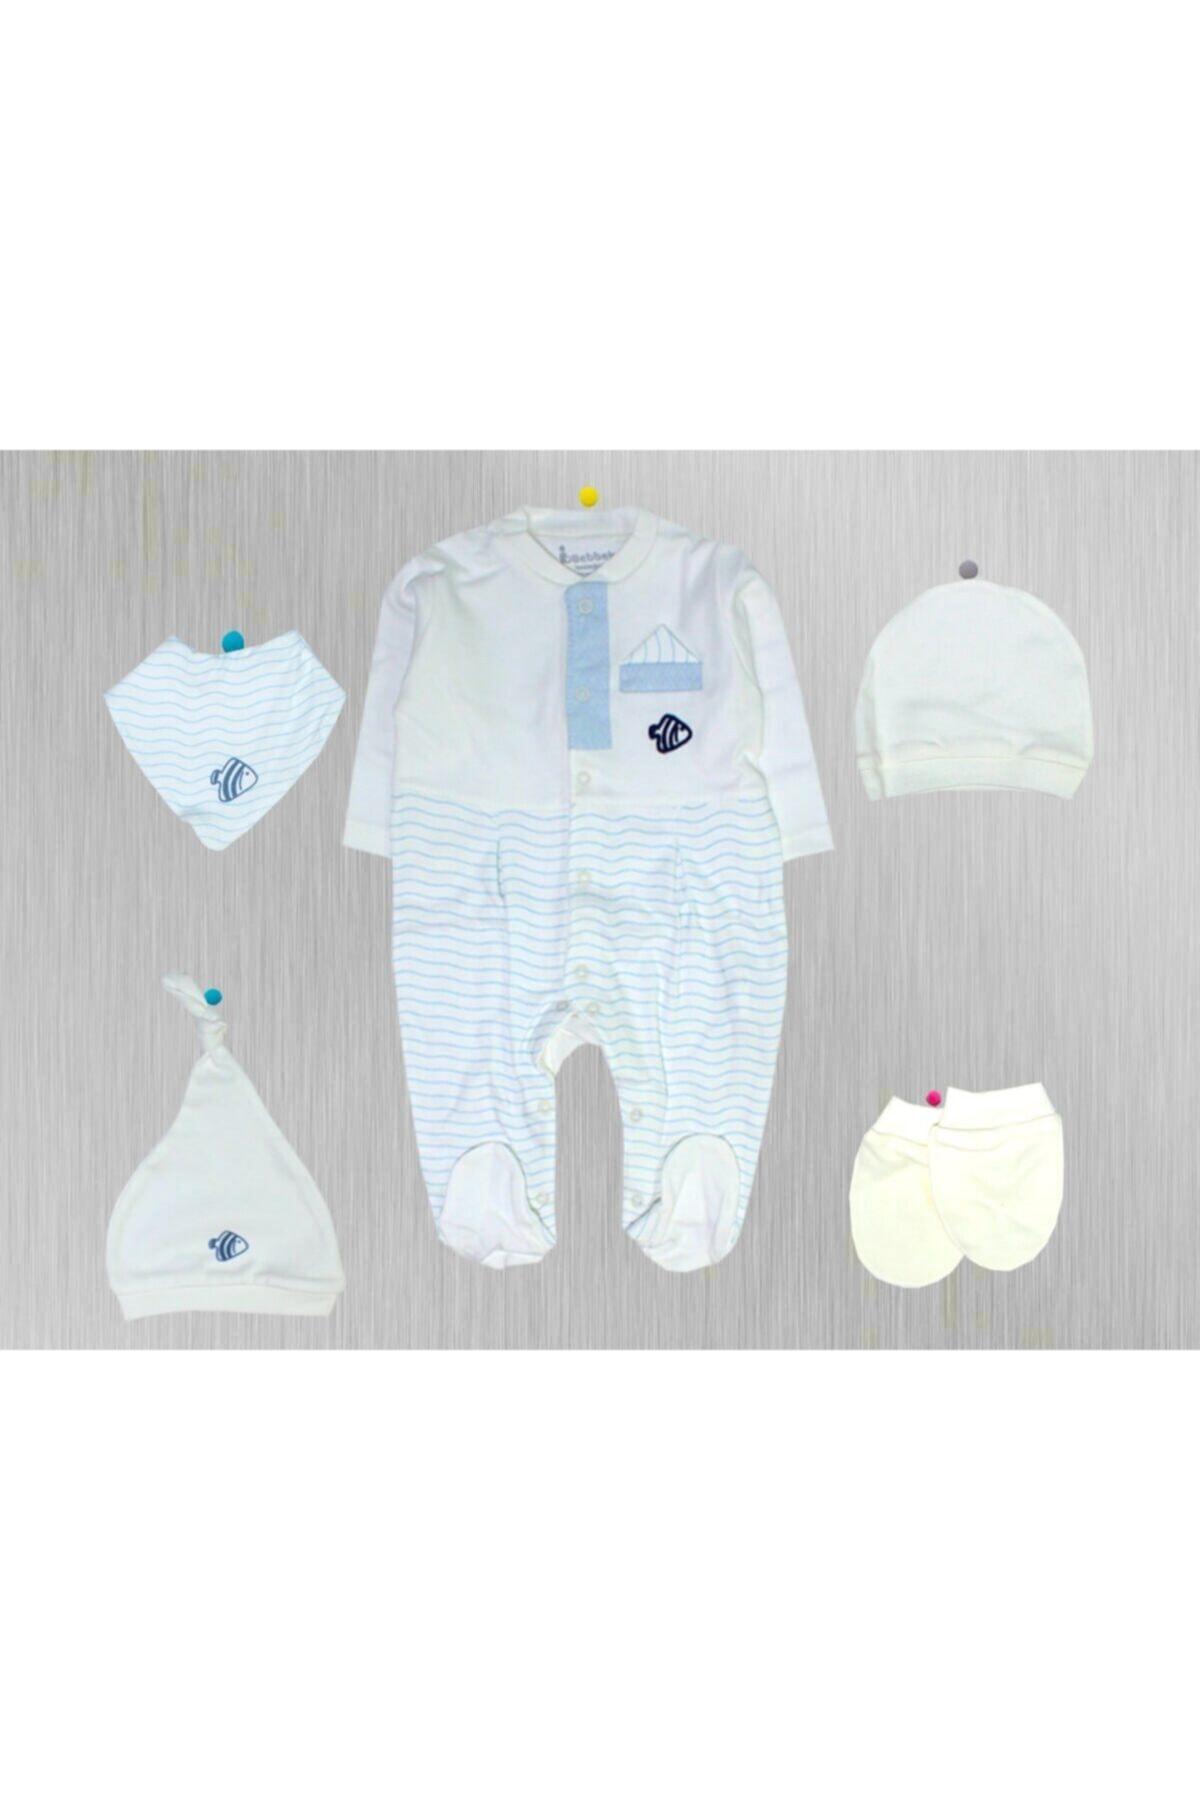 Bebbek Bebek Mavi Nenny Baby Happy Moon 5'li Zıbın Set Yenidoğan Hastane Çıkışı 1